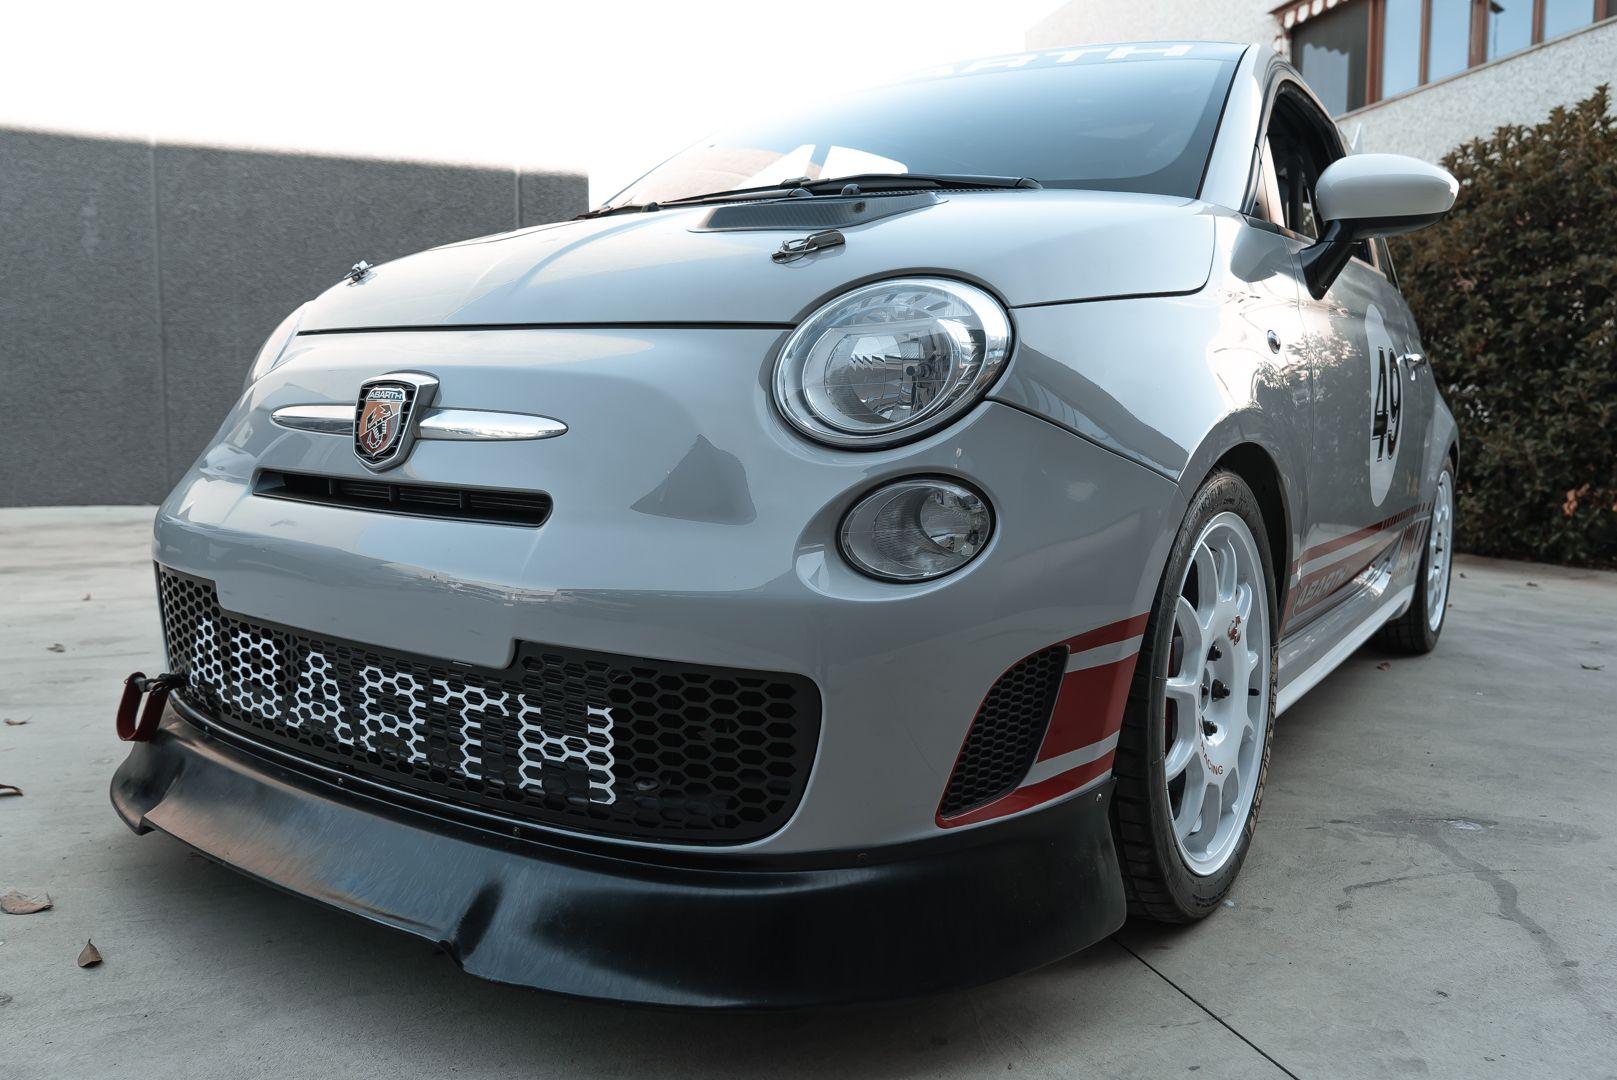 2008 Fiat 500 Abarth Assetto Corse 49/49 79317